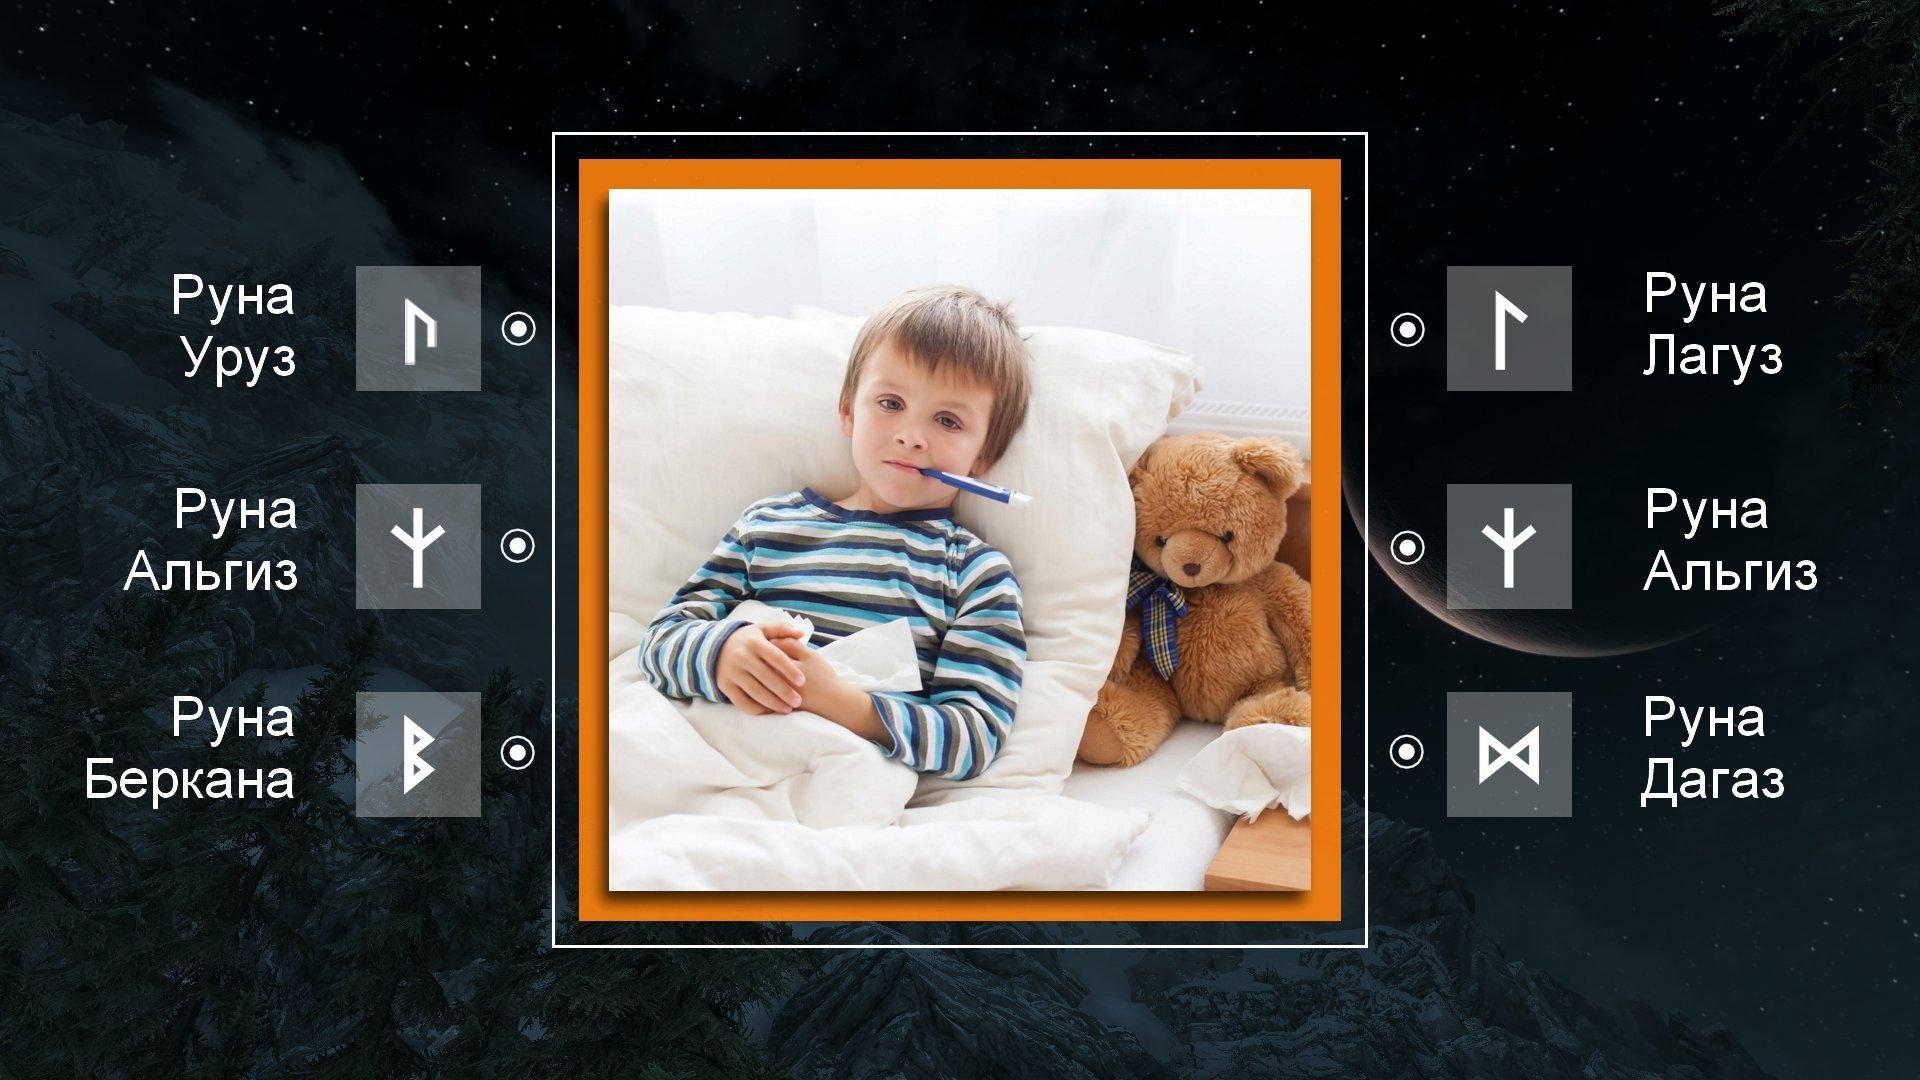 Как вылечить ребенка рунами, если вы заболели